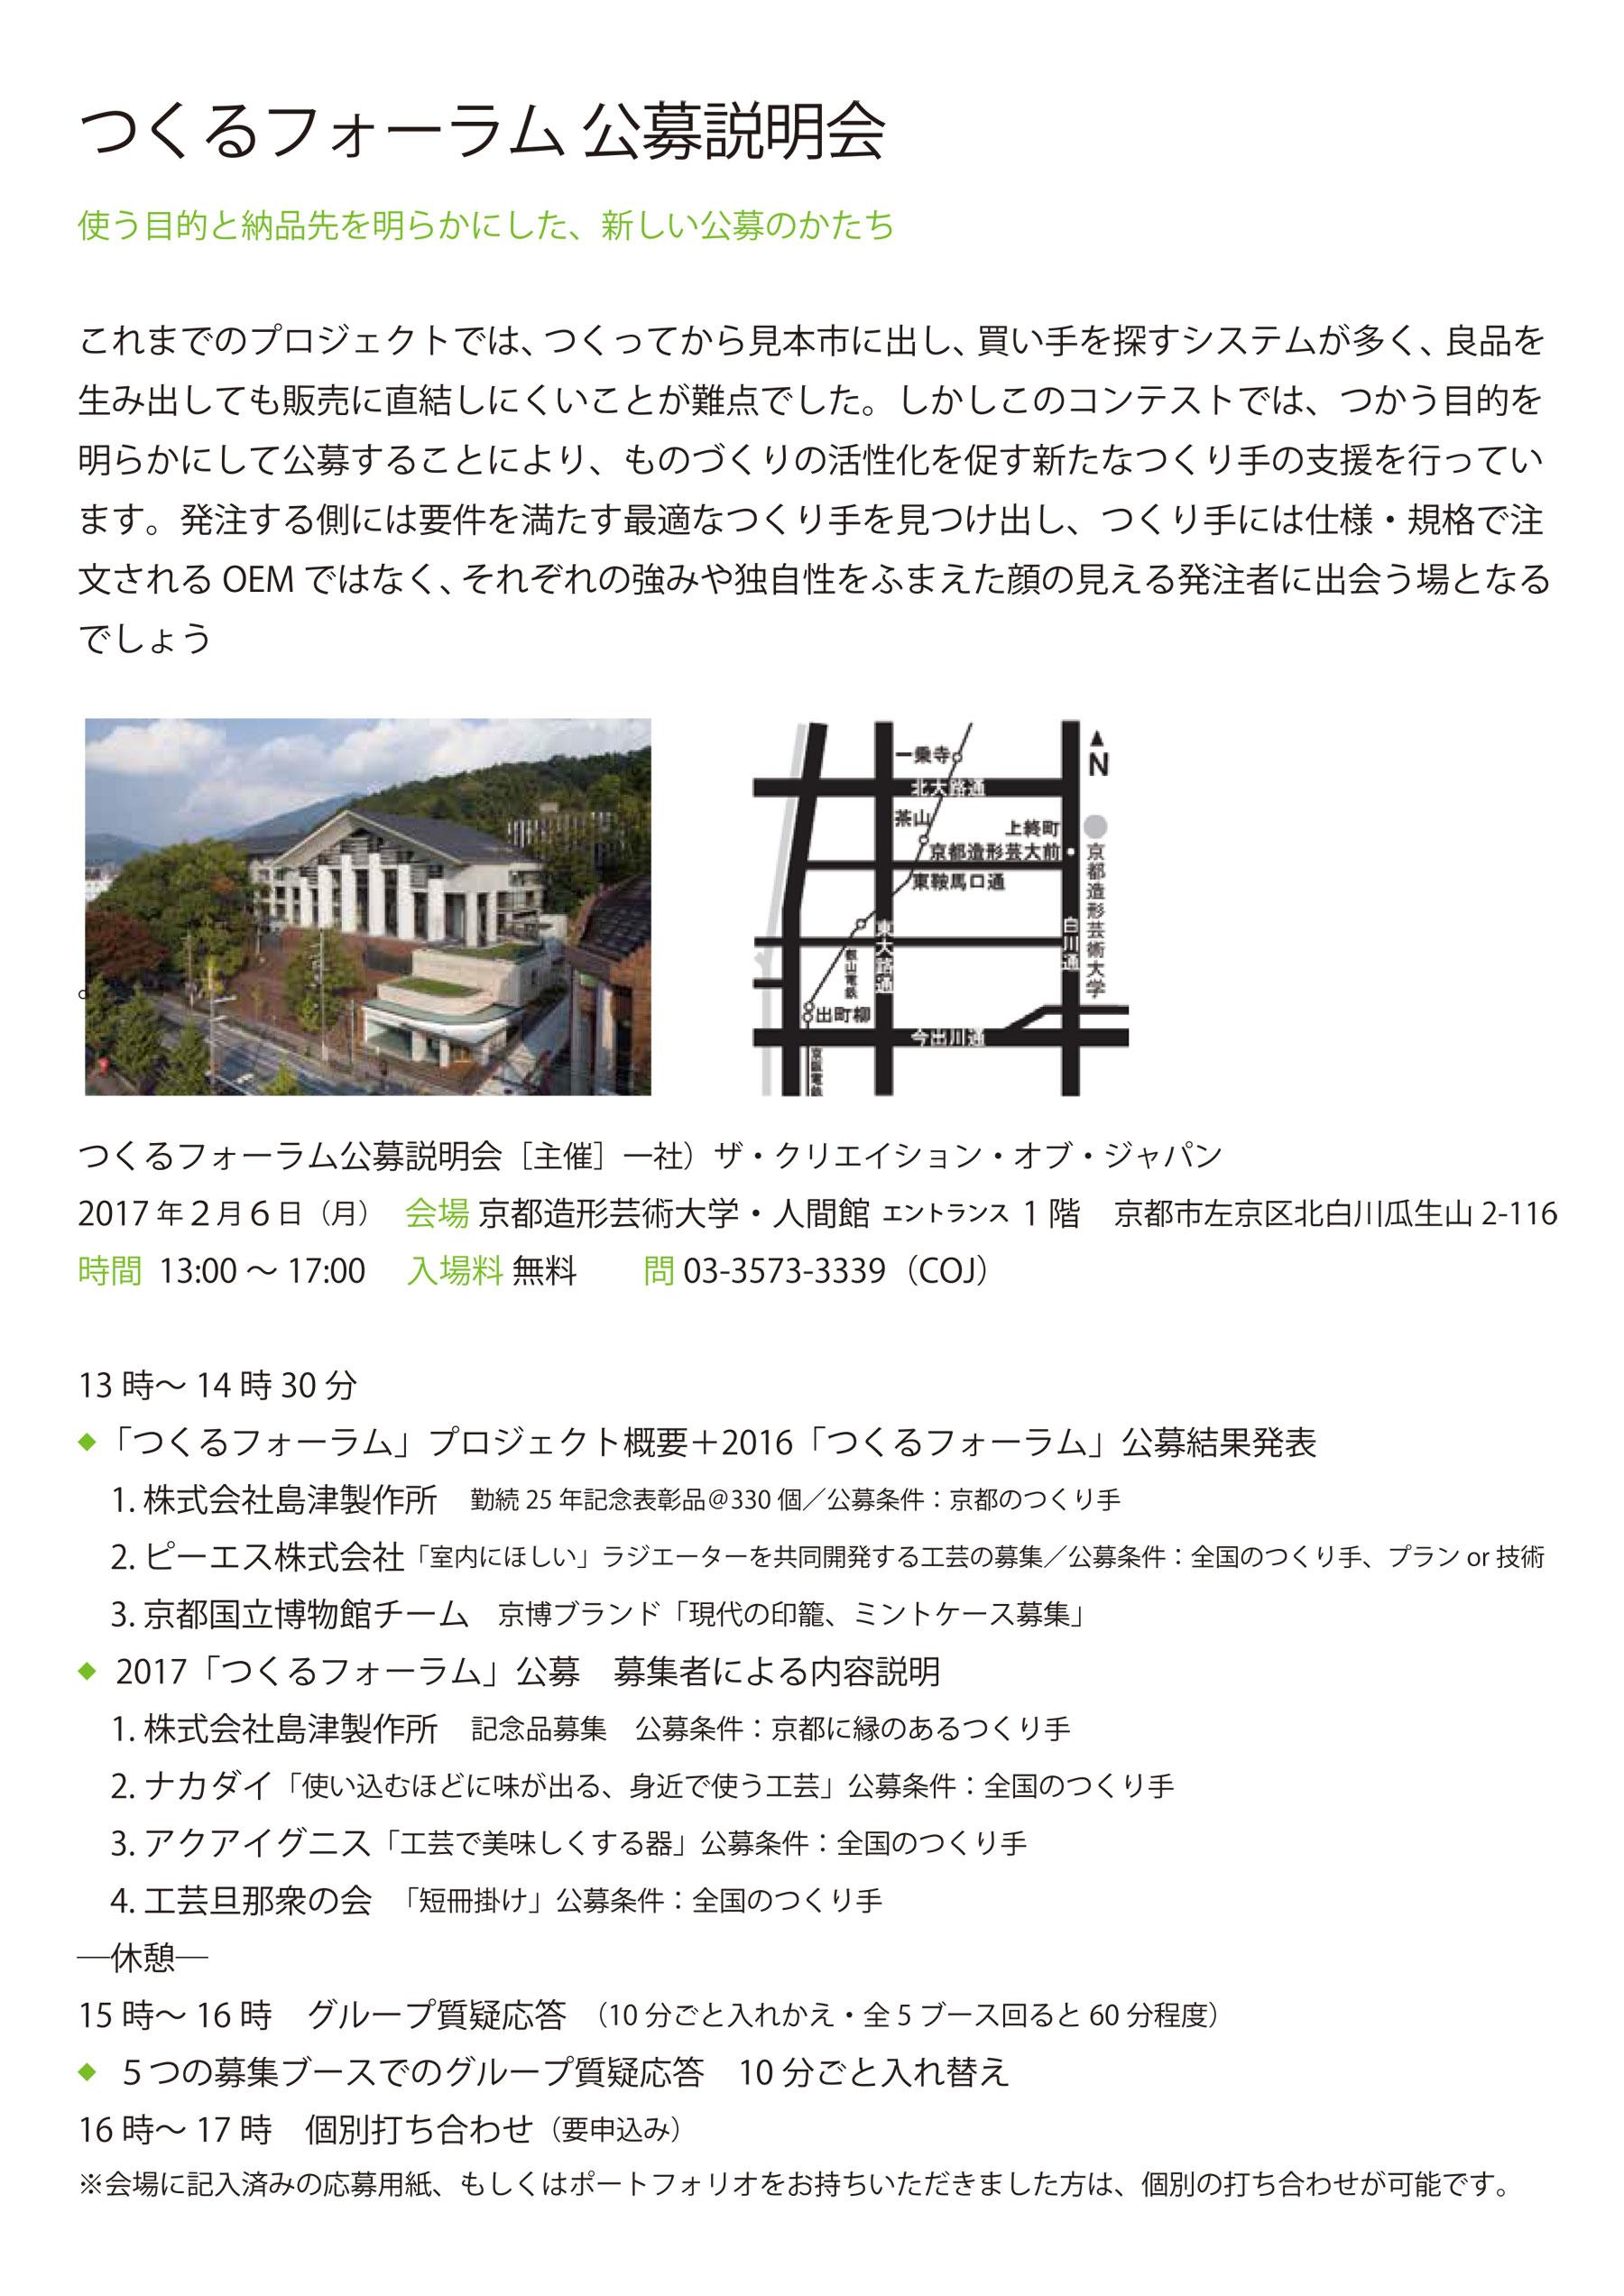 tsukuru_forum_ex_kyoto_2